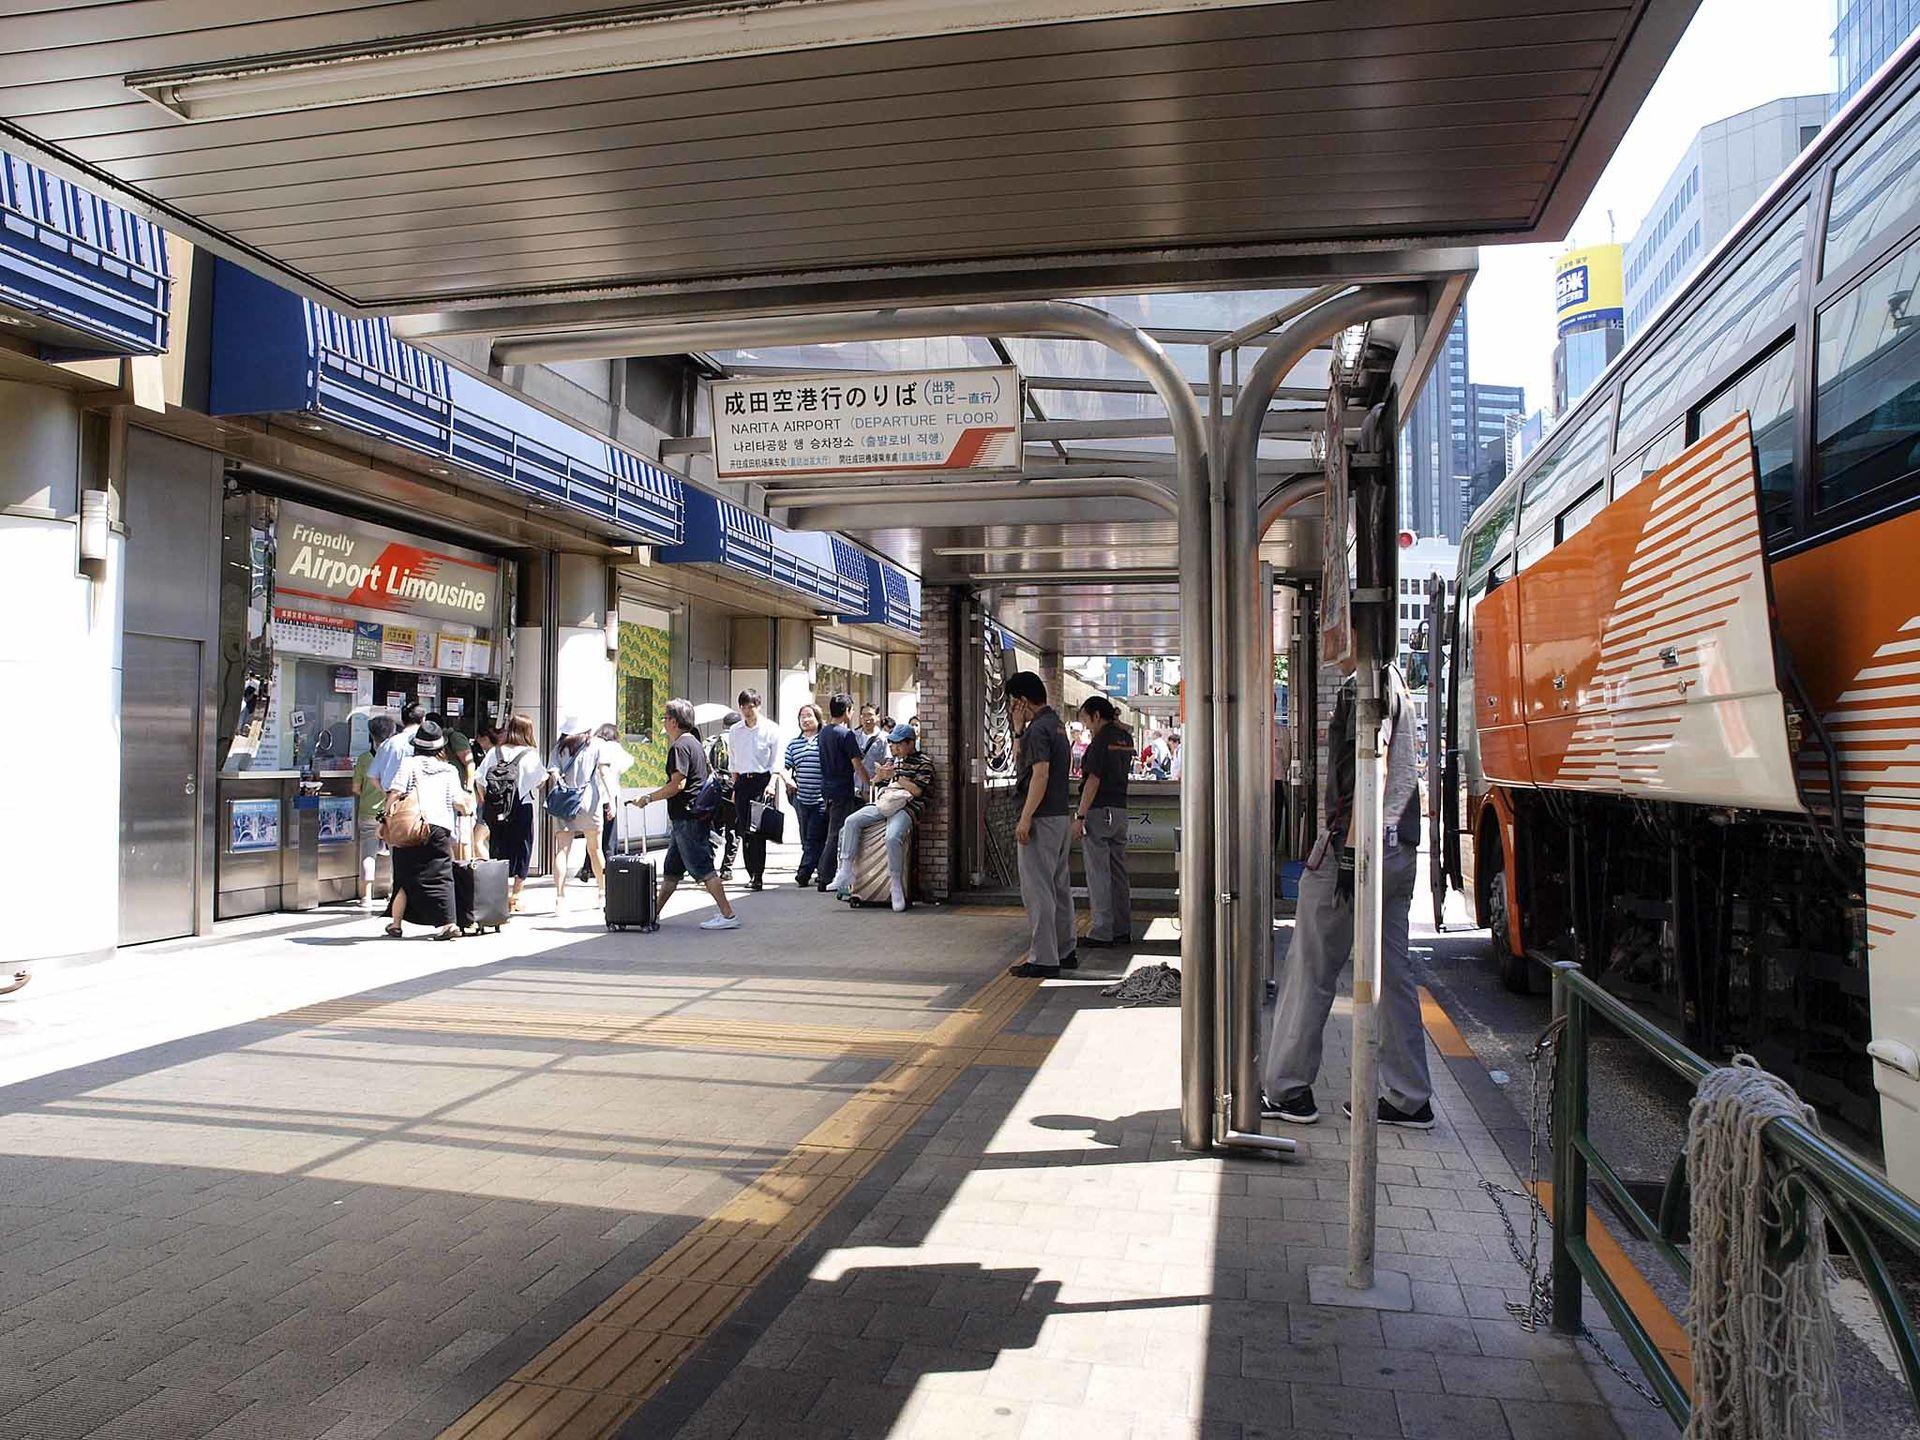 利木津巴士新宿站西口24番疑問 #9164119